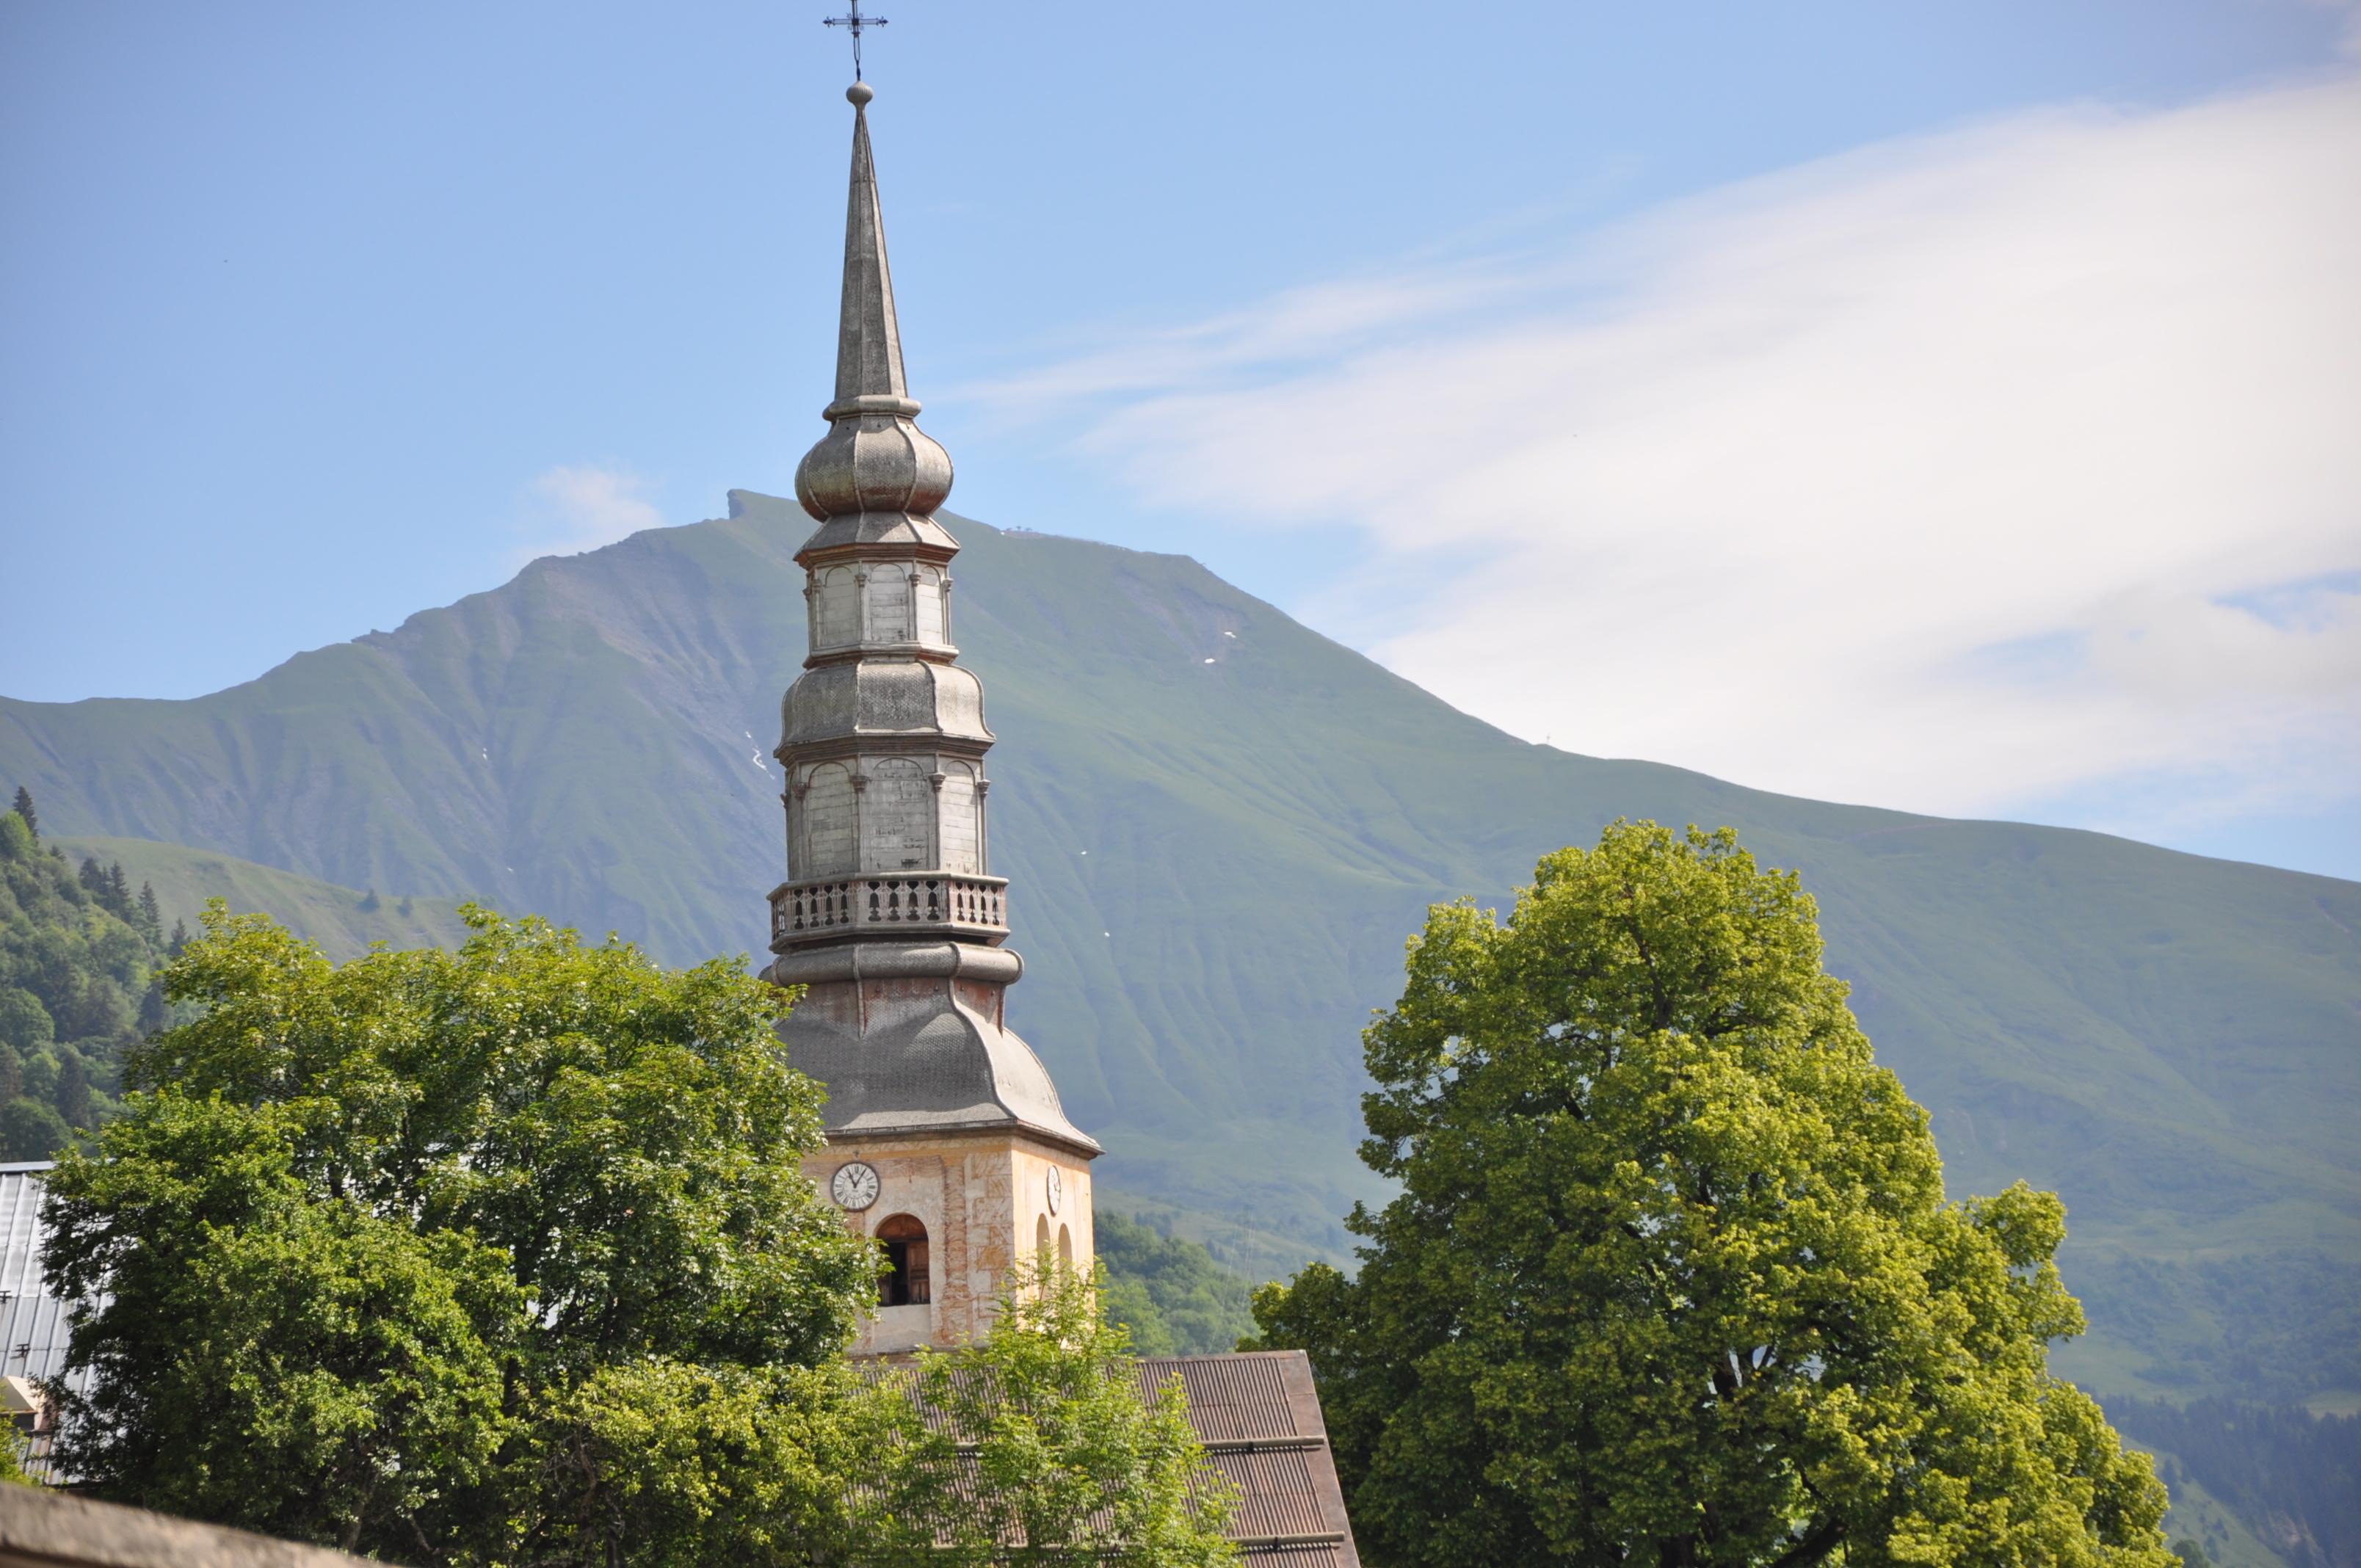 Eglise Saint-Jacques-d'Assyrie